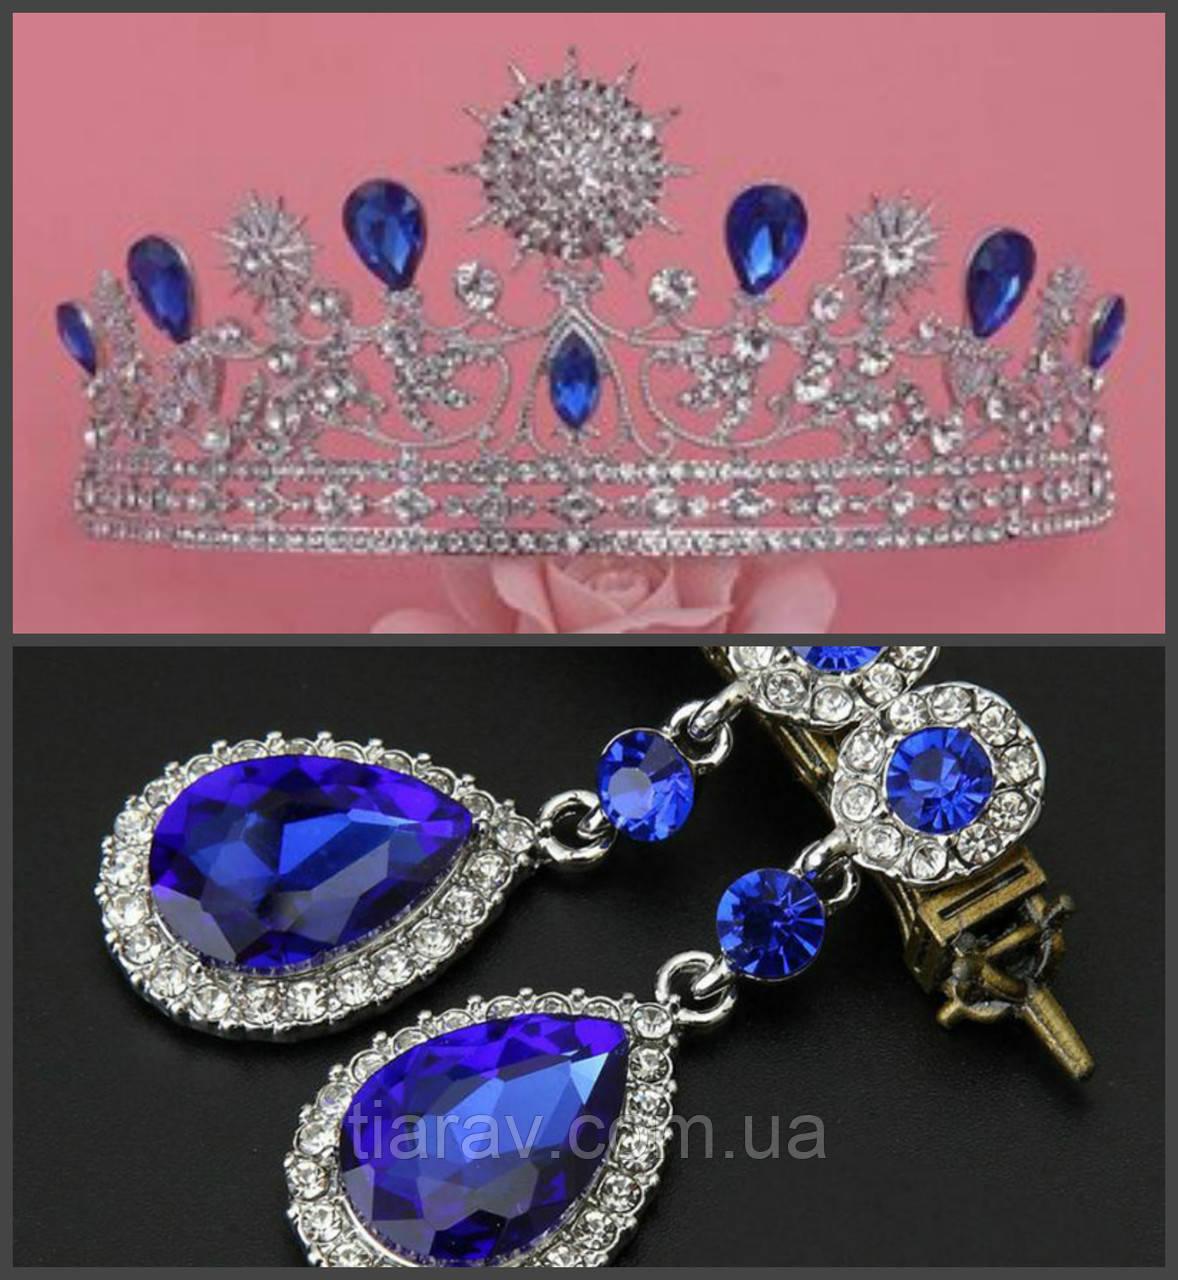 Корона и серьги набор Жасмин диадема тиара, свадебный набор короны тиары диадемы